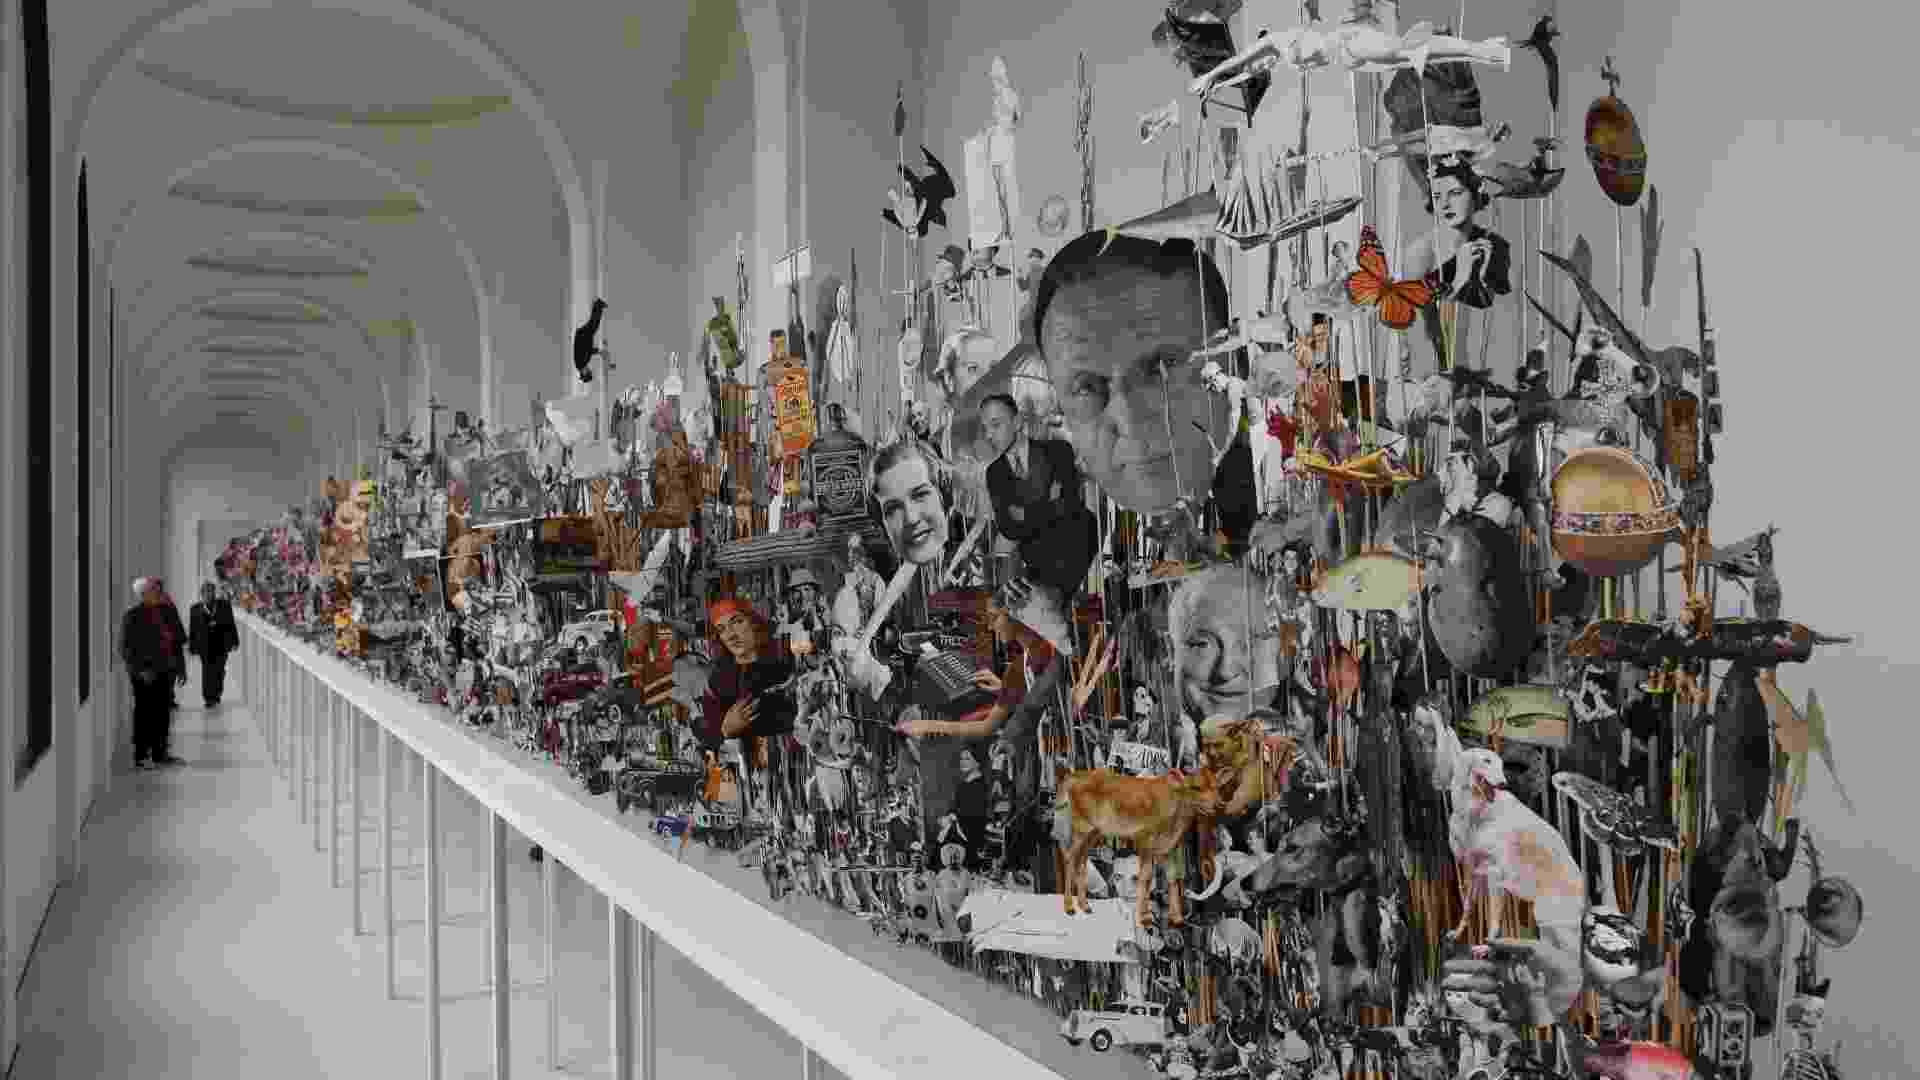 Obras expostas na 13ª edição da Documenta de Kassel (Alemanha), mostra de arte que acontece a cada cinco anos desde 1995 e espera receber até um milhão de visitantes - REUTERS/Ralph Orlowski